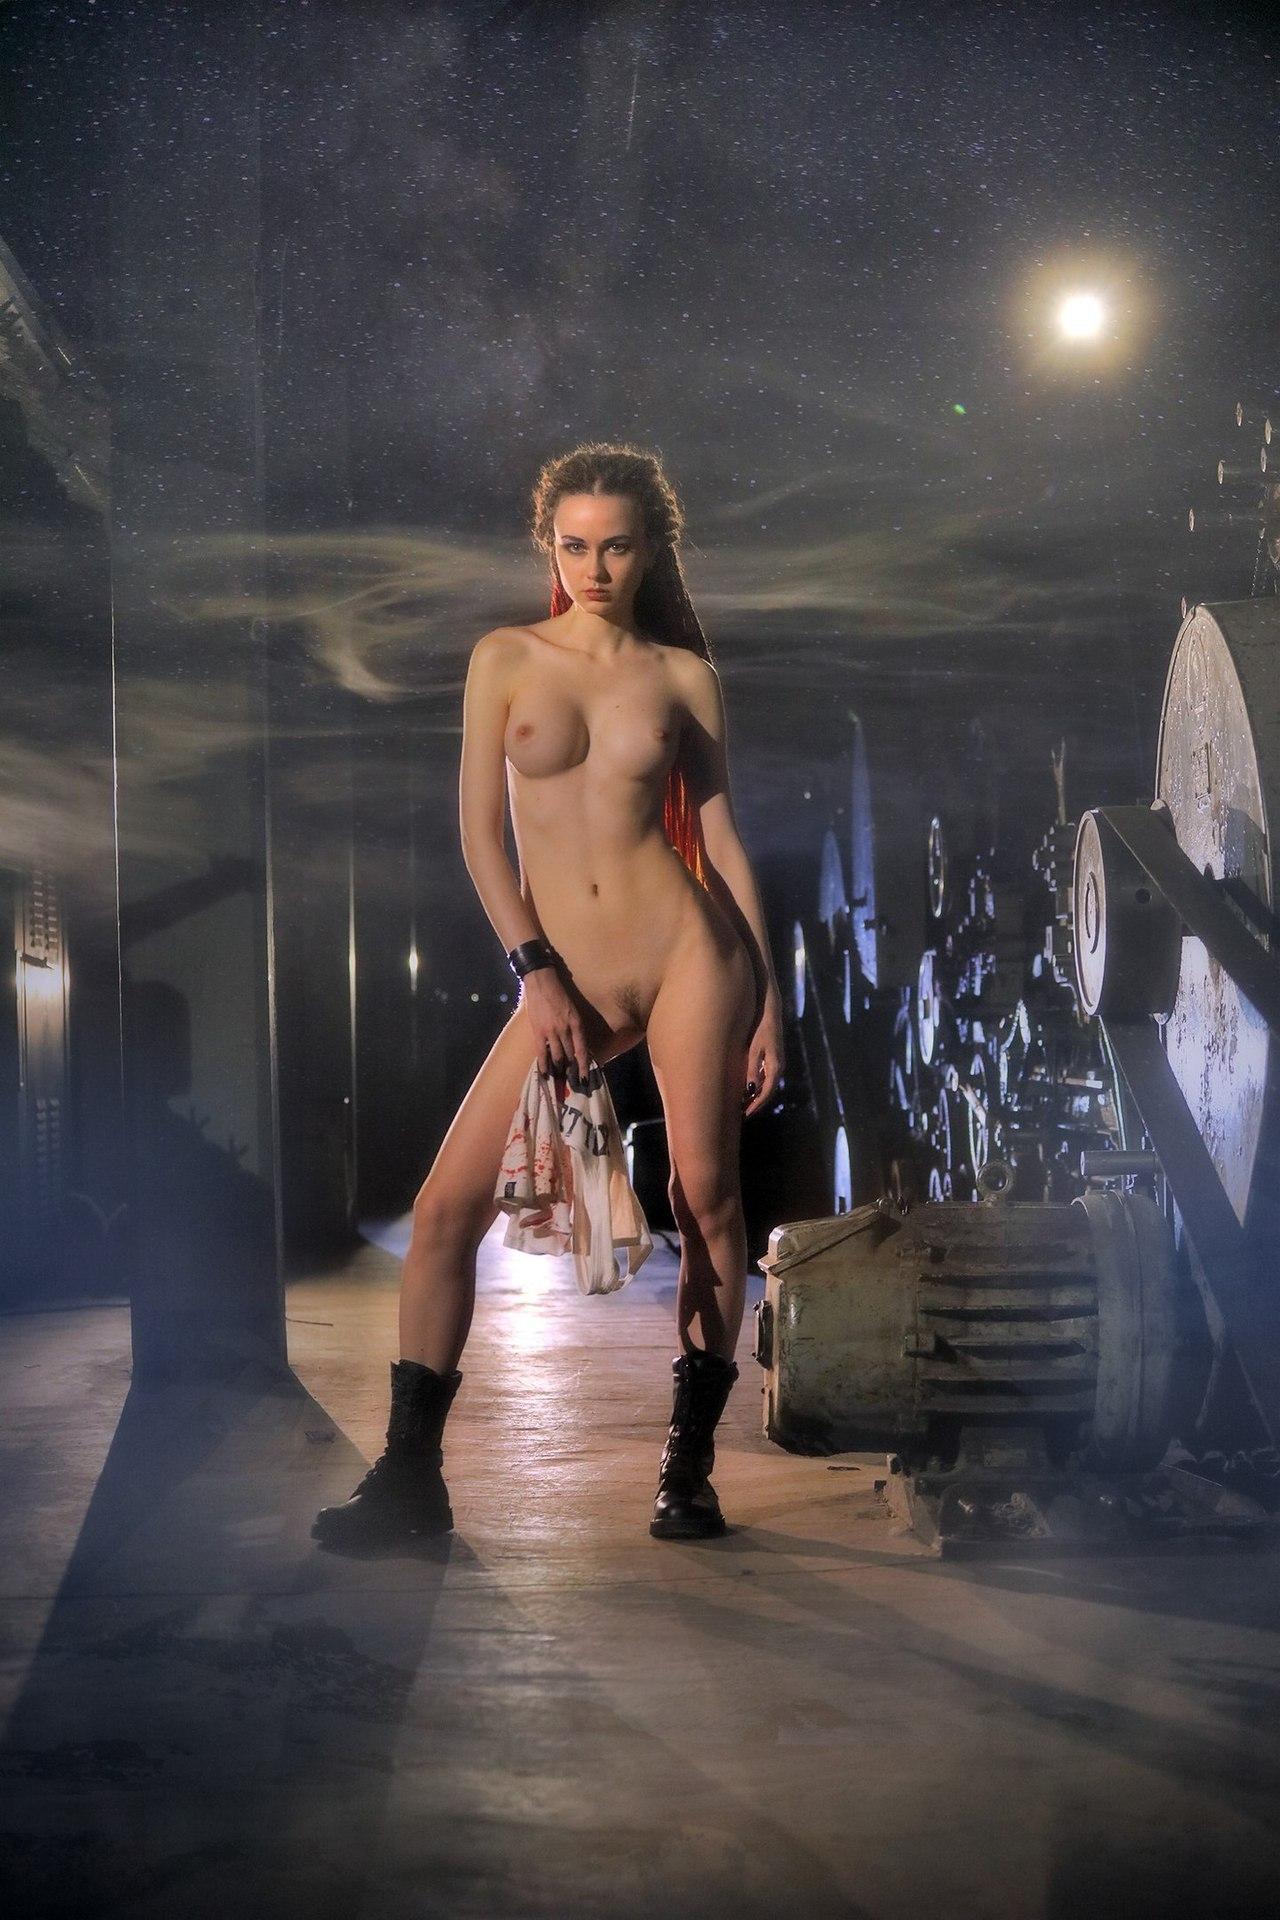 Olga Gorlachuk